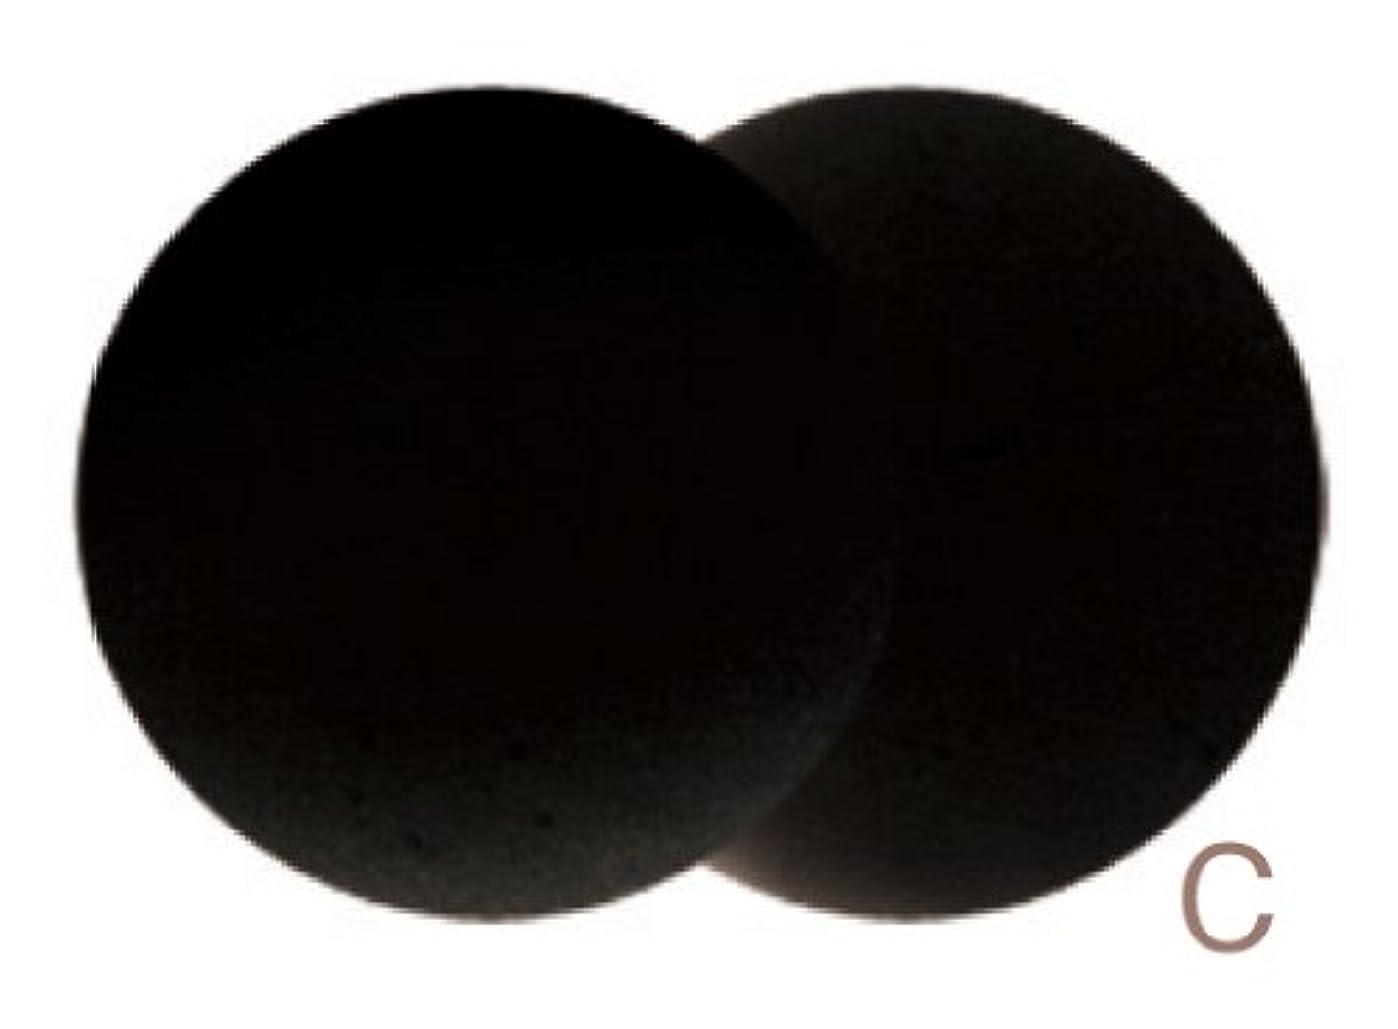 ネスト細胞みすぼらしいアクセンツ UL 602 ブラック 4g